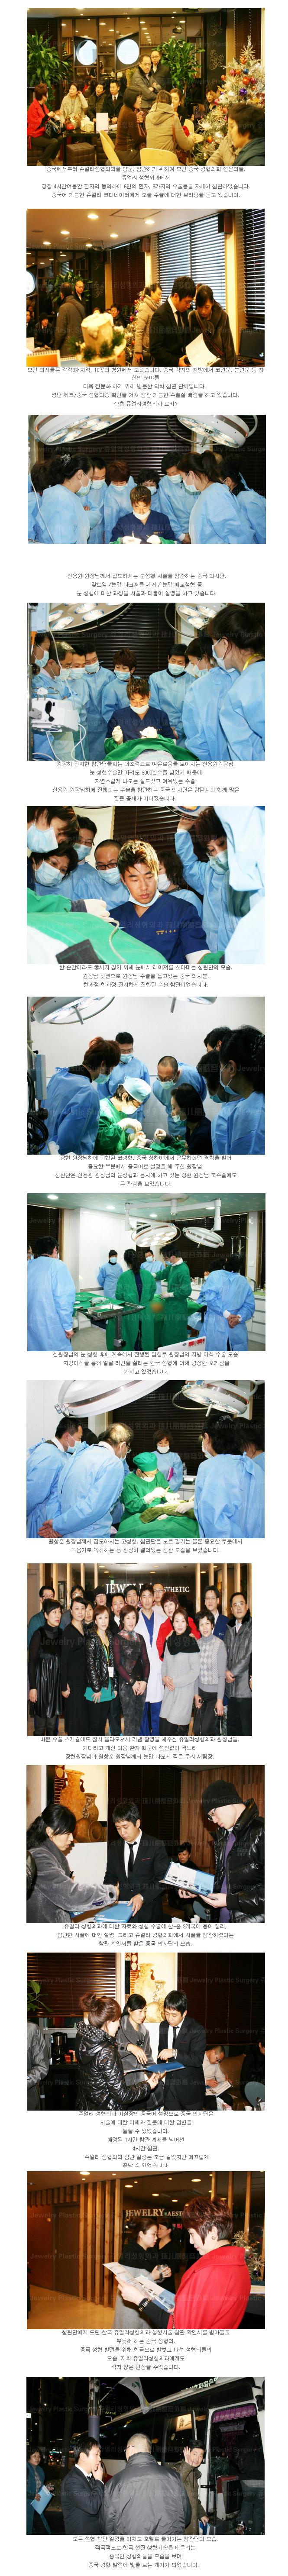 2010.12 중국 의사단 쥬얼리 성형외과 참관